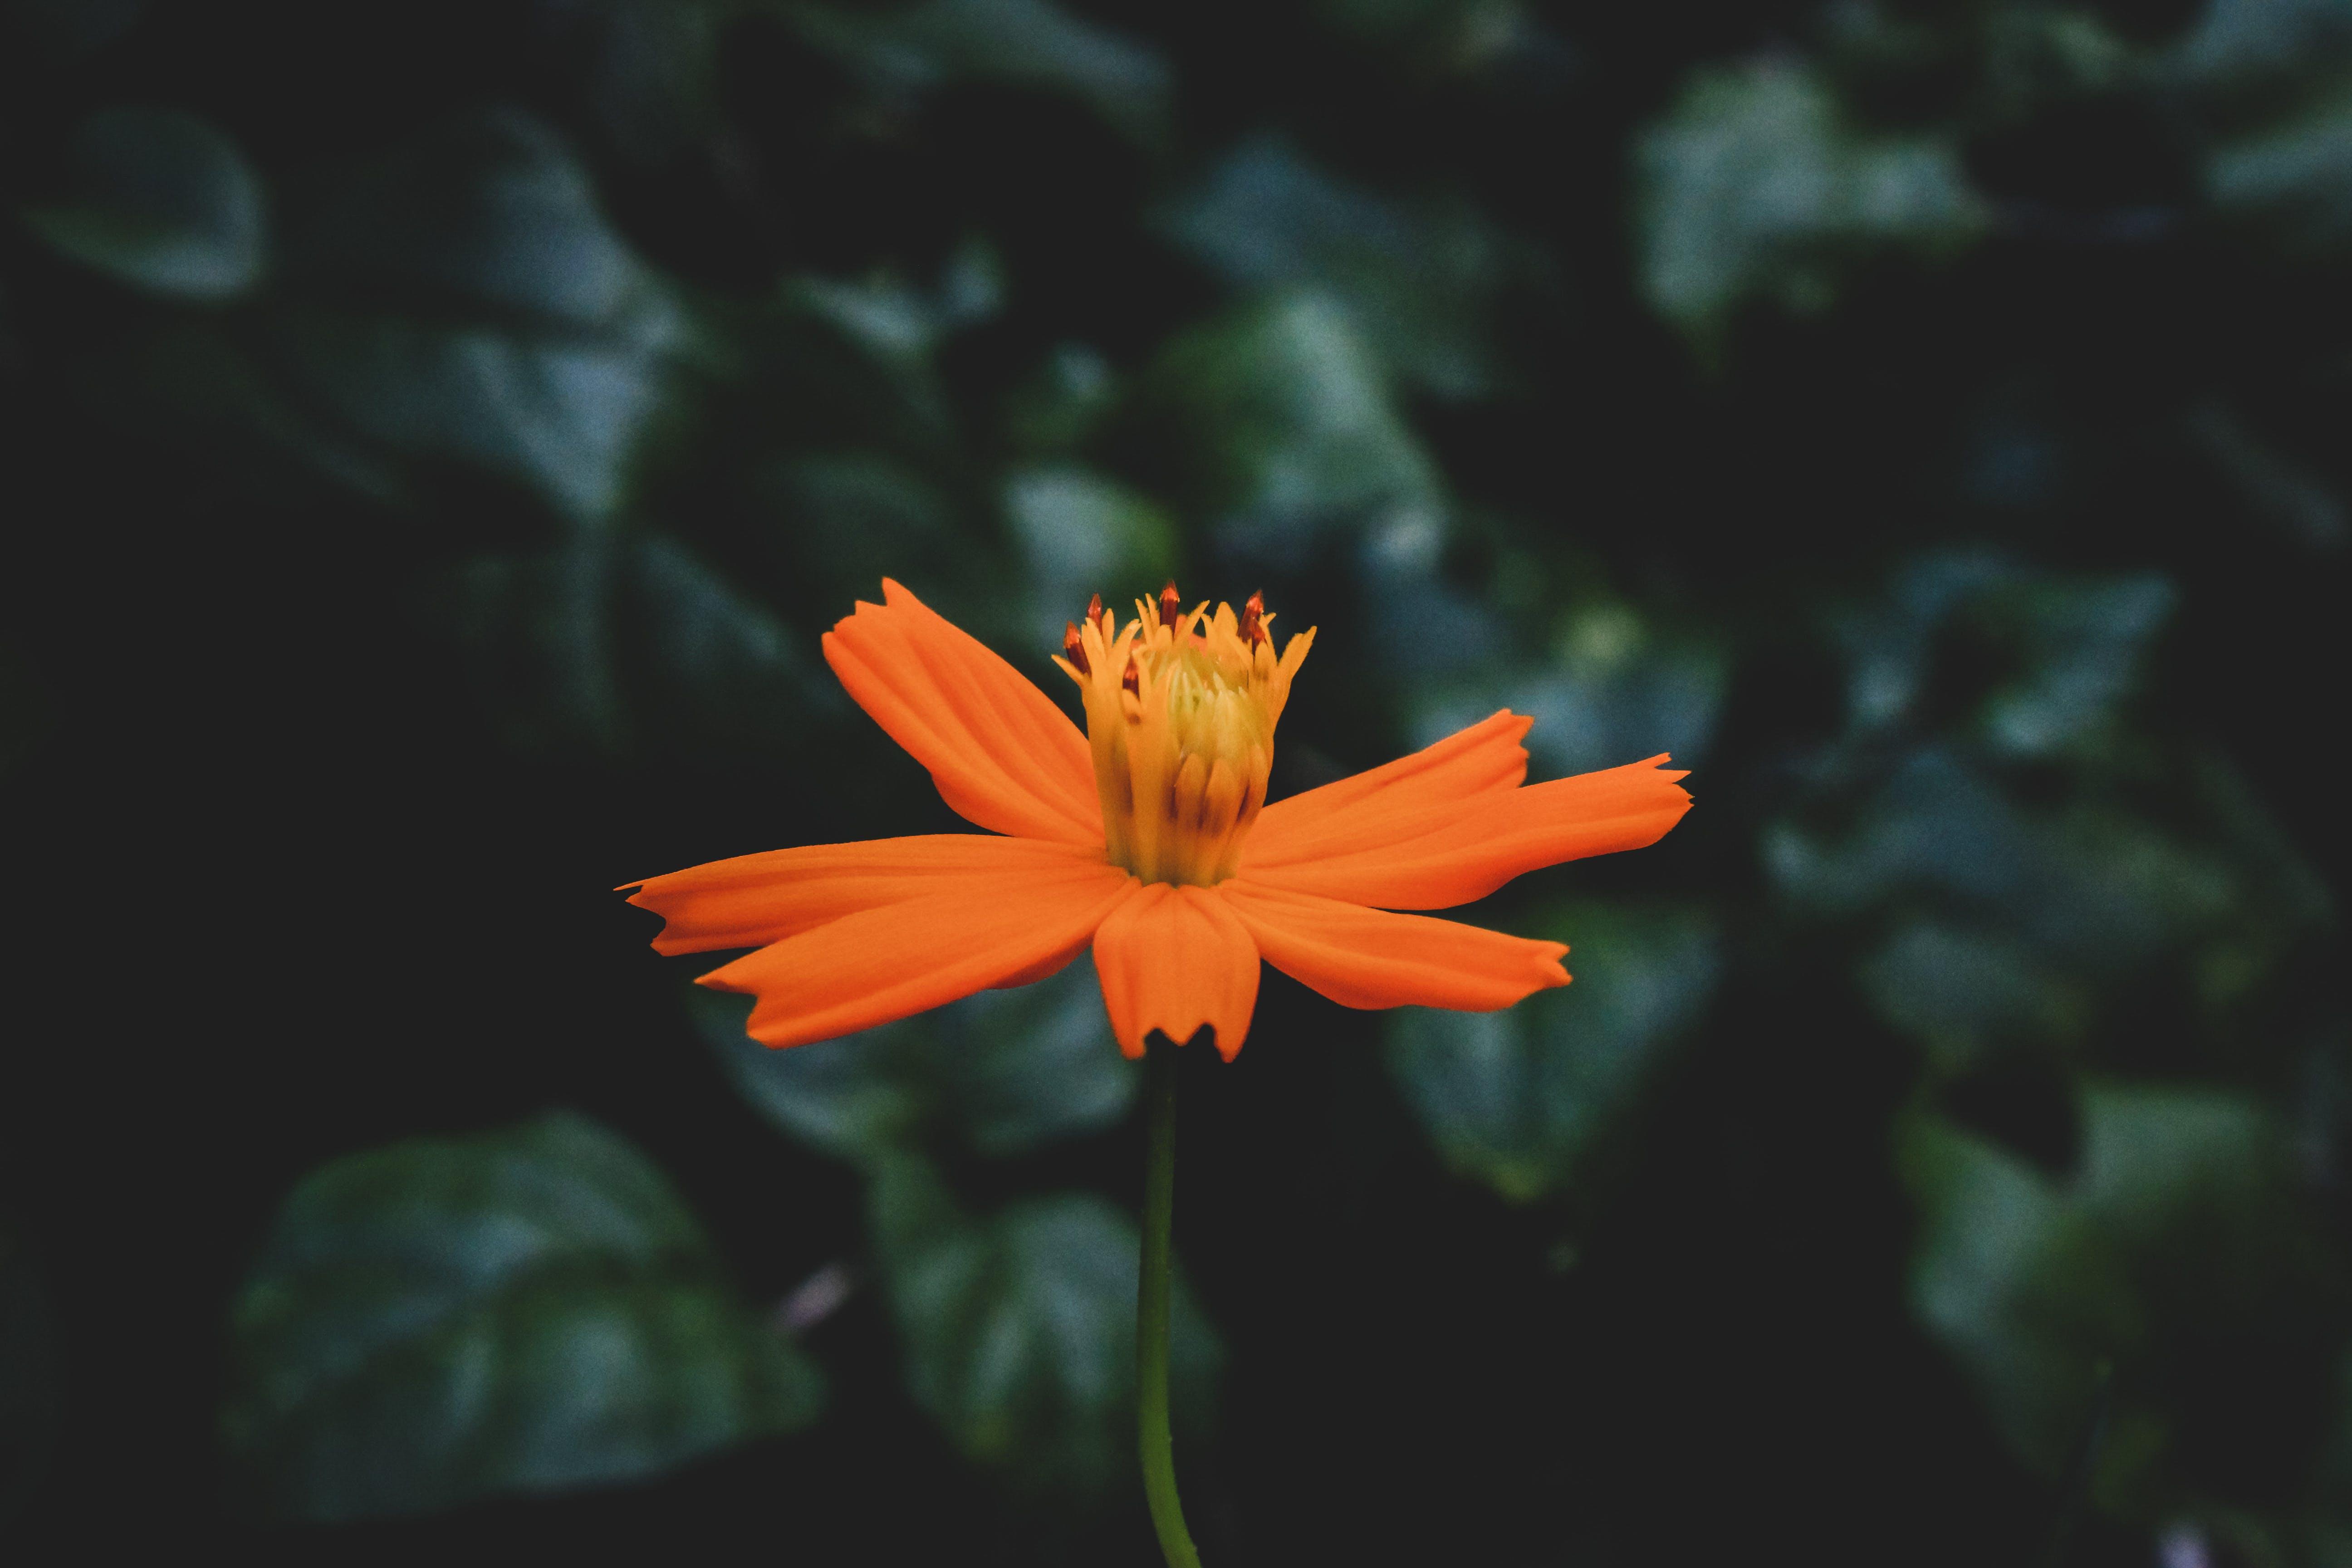 Close-Up Photo of Orange Flower